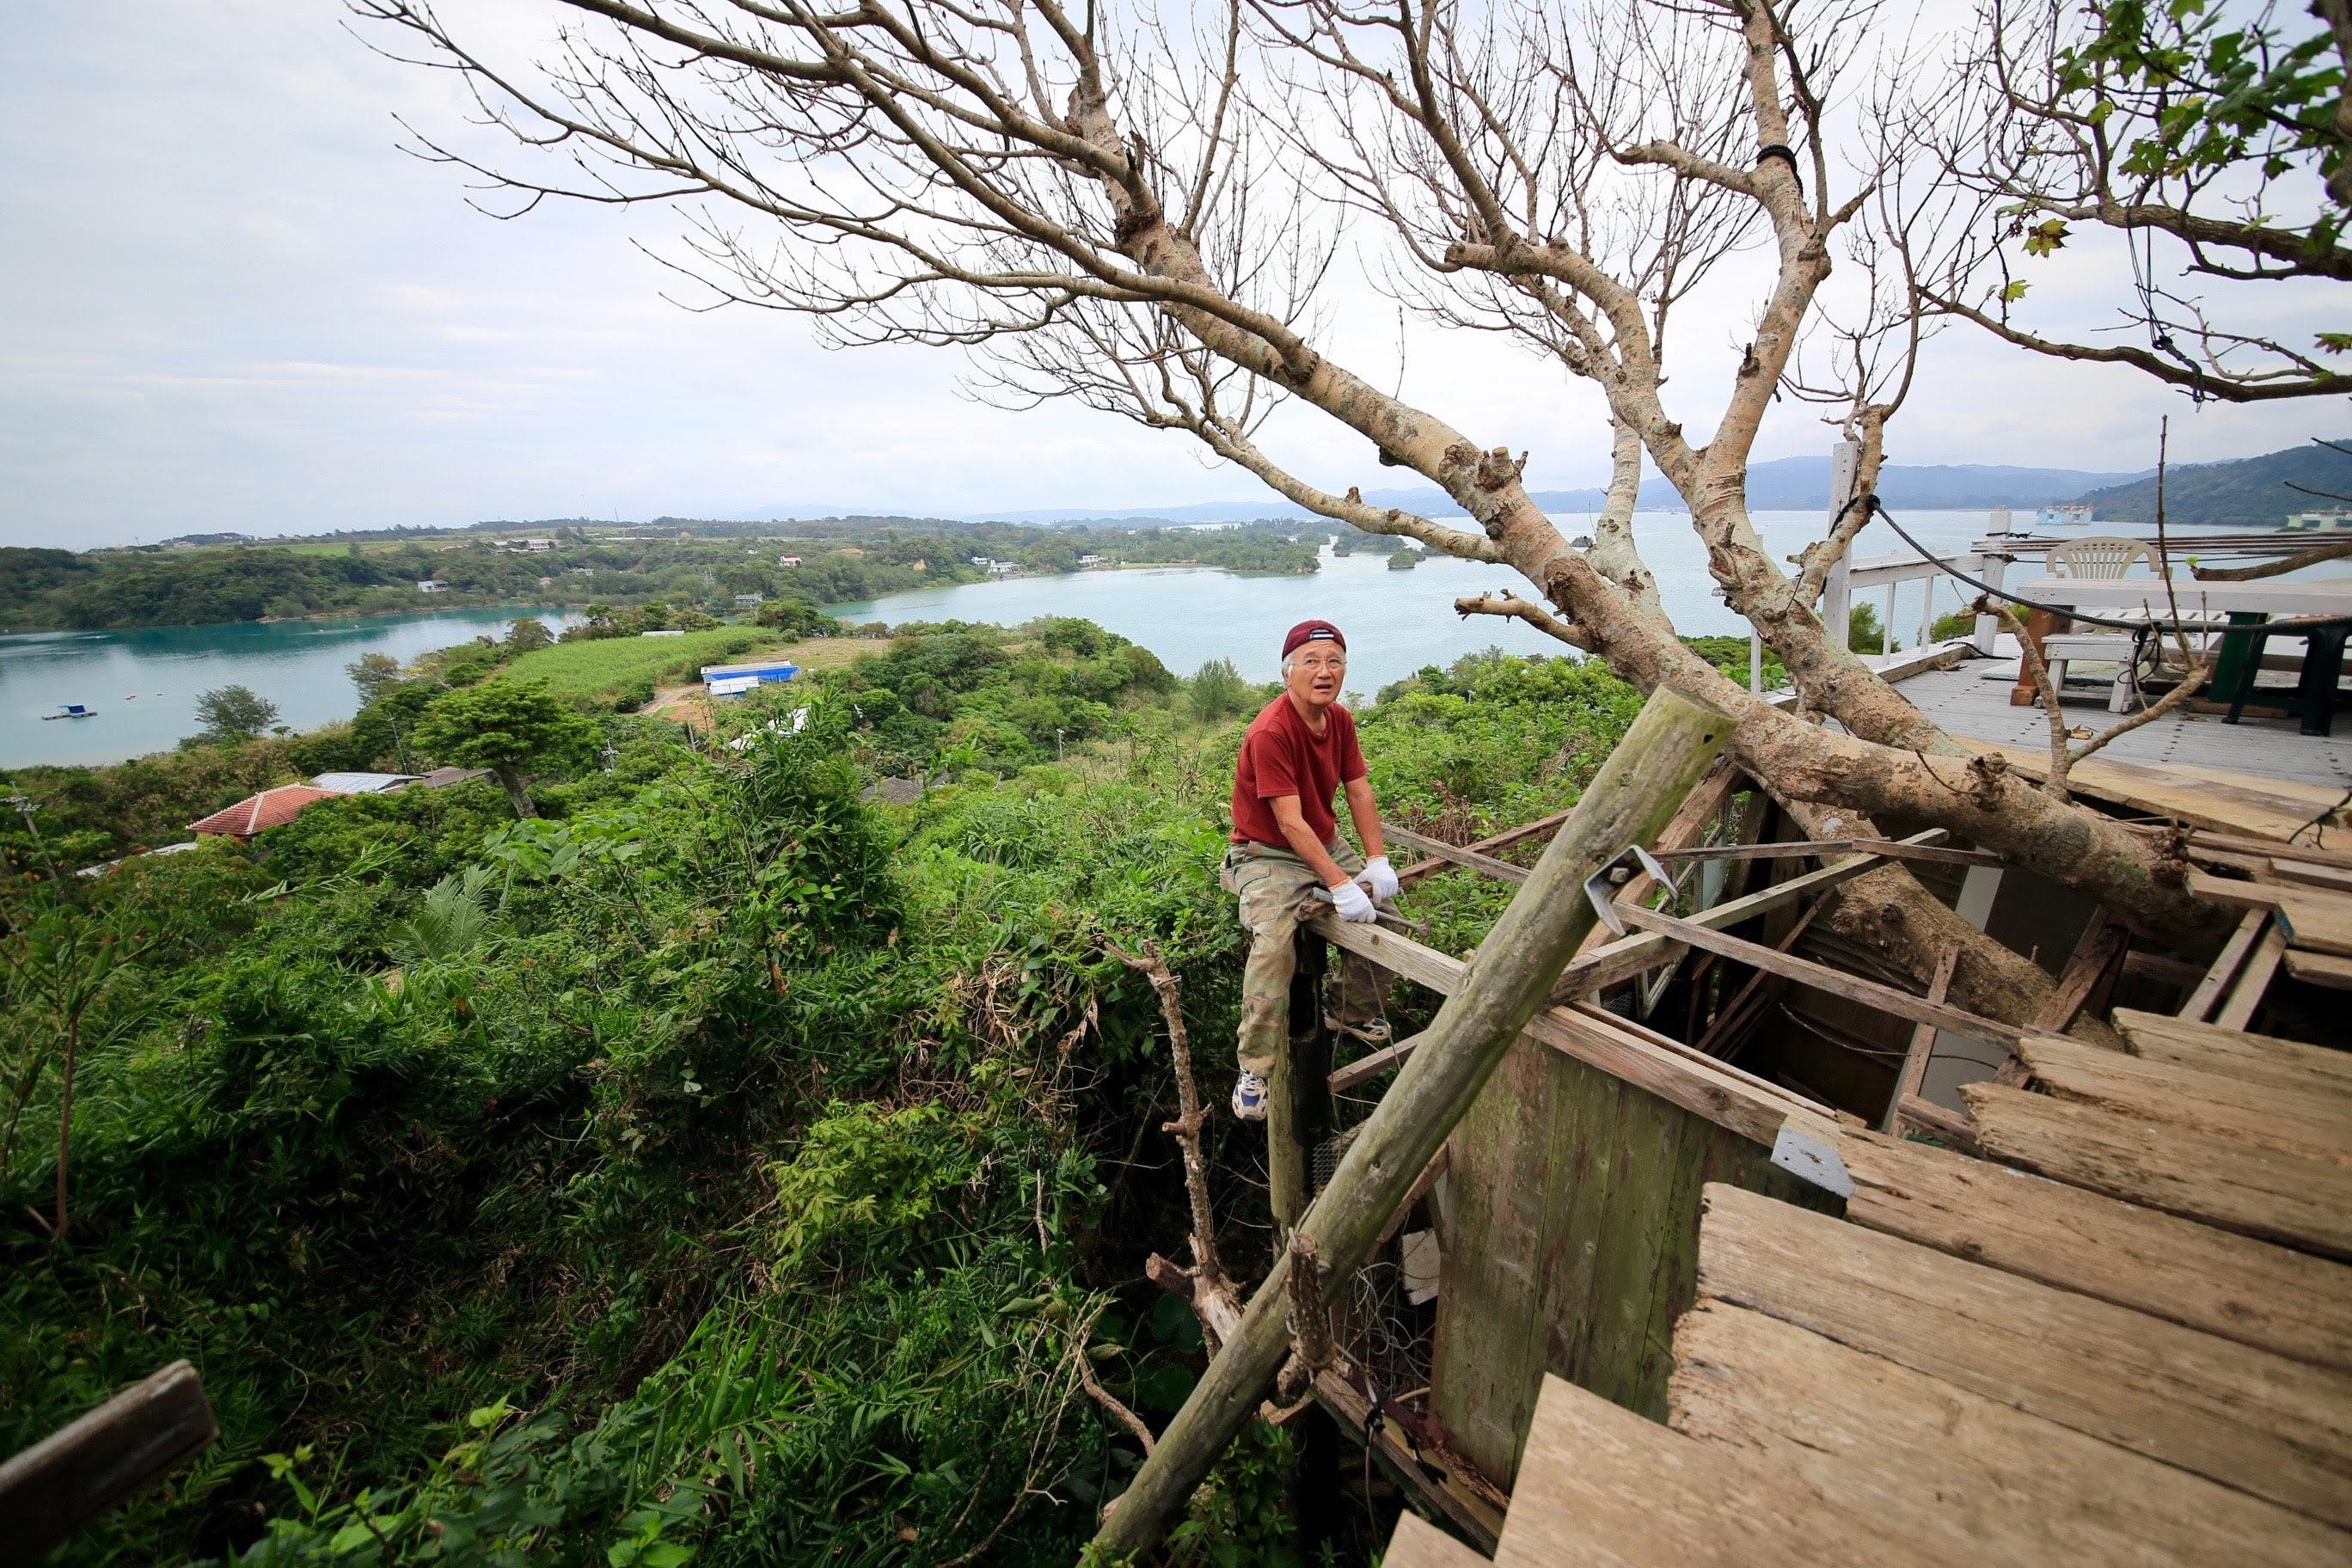 |その他|沖縄|海辺のキャンプ場と山のツリーハウス作り!